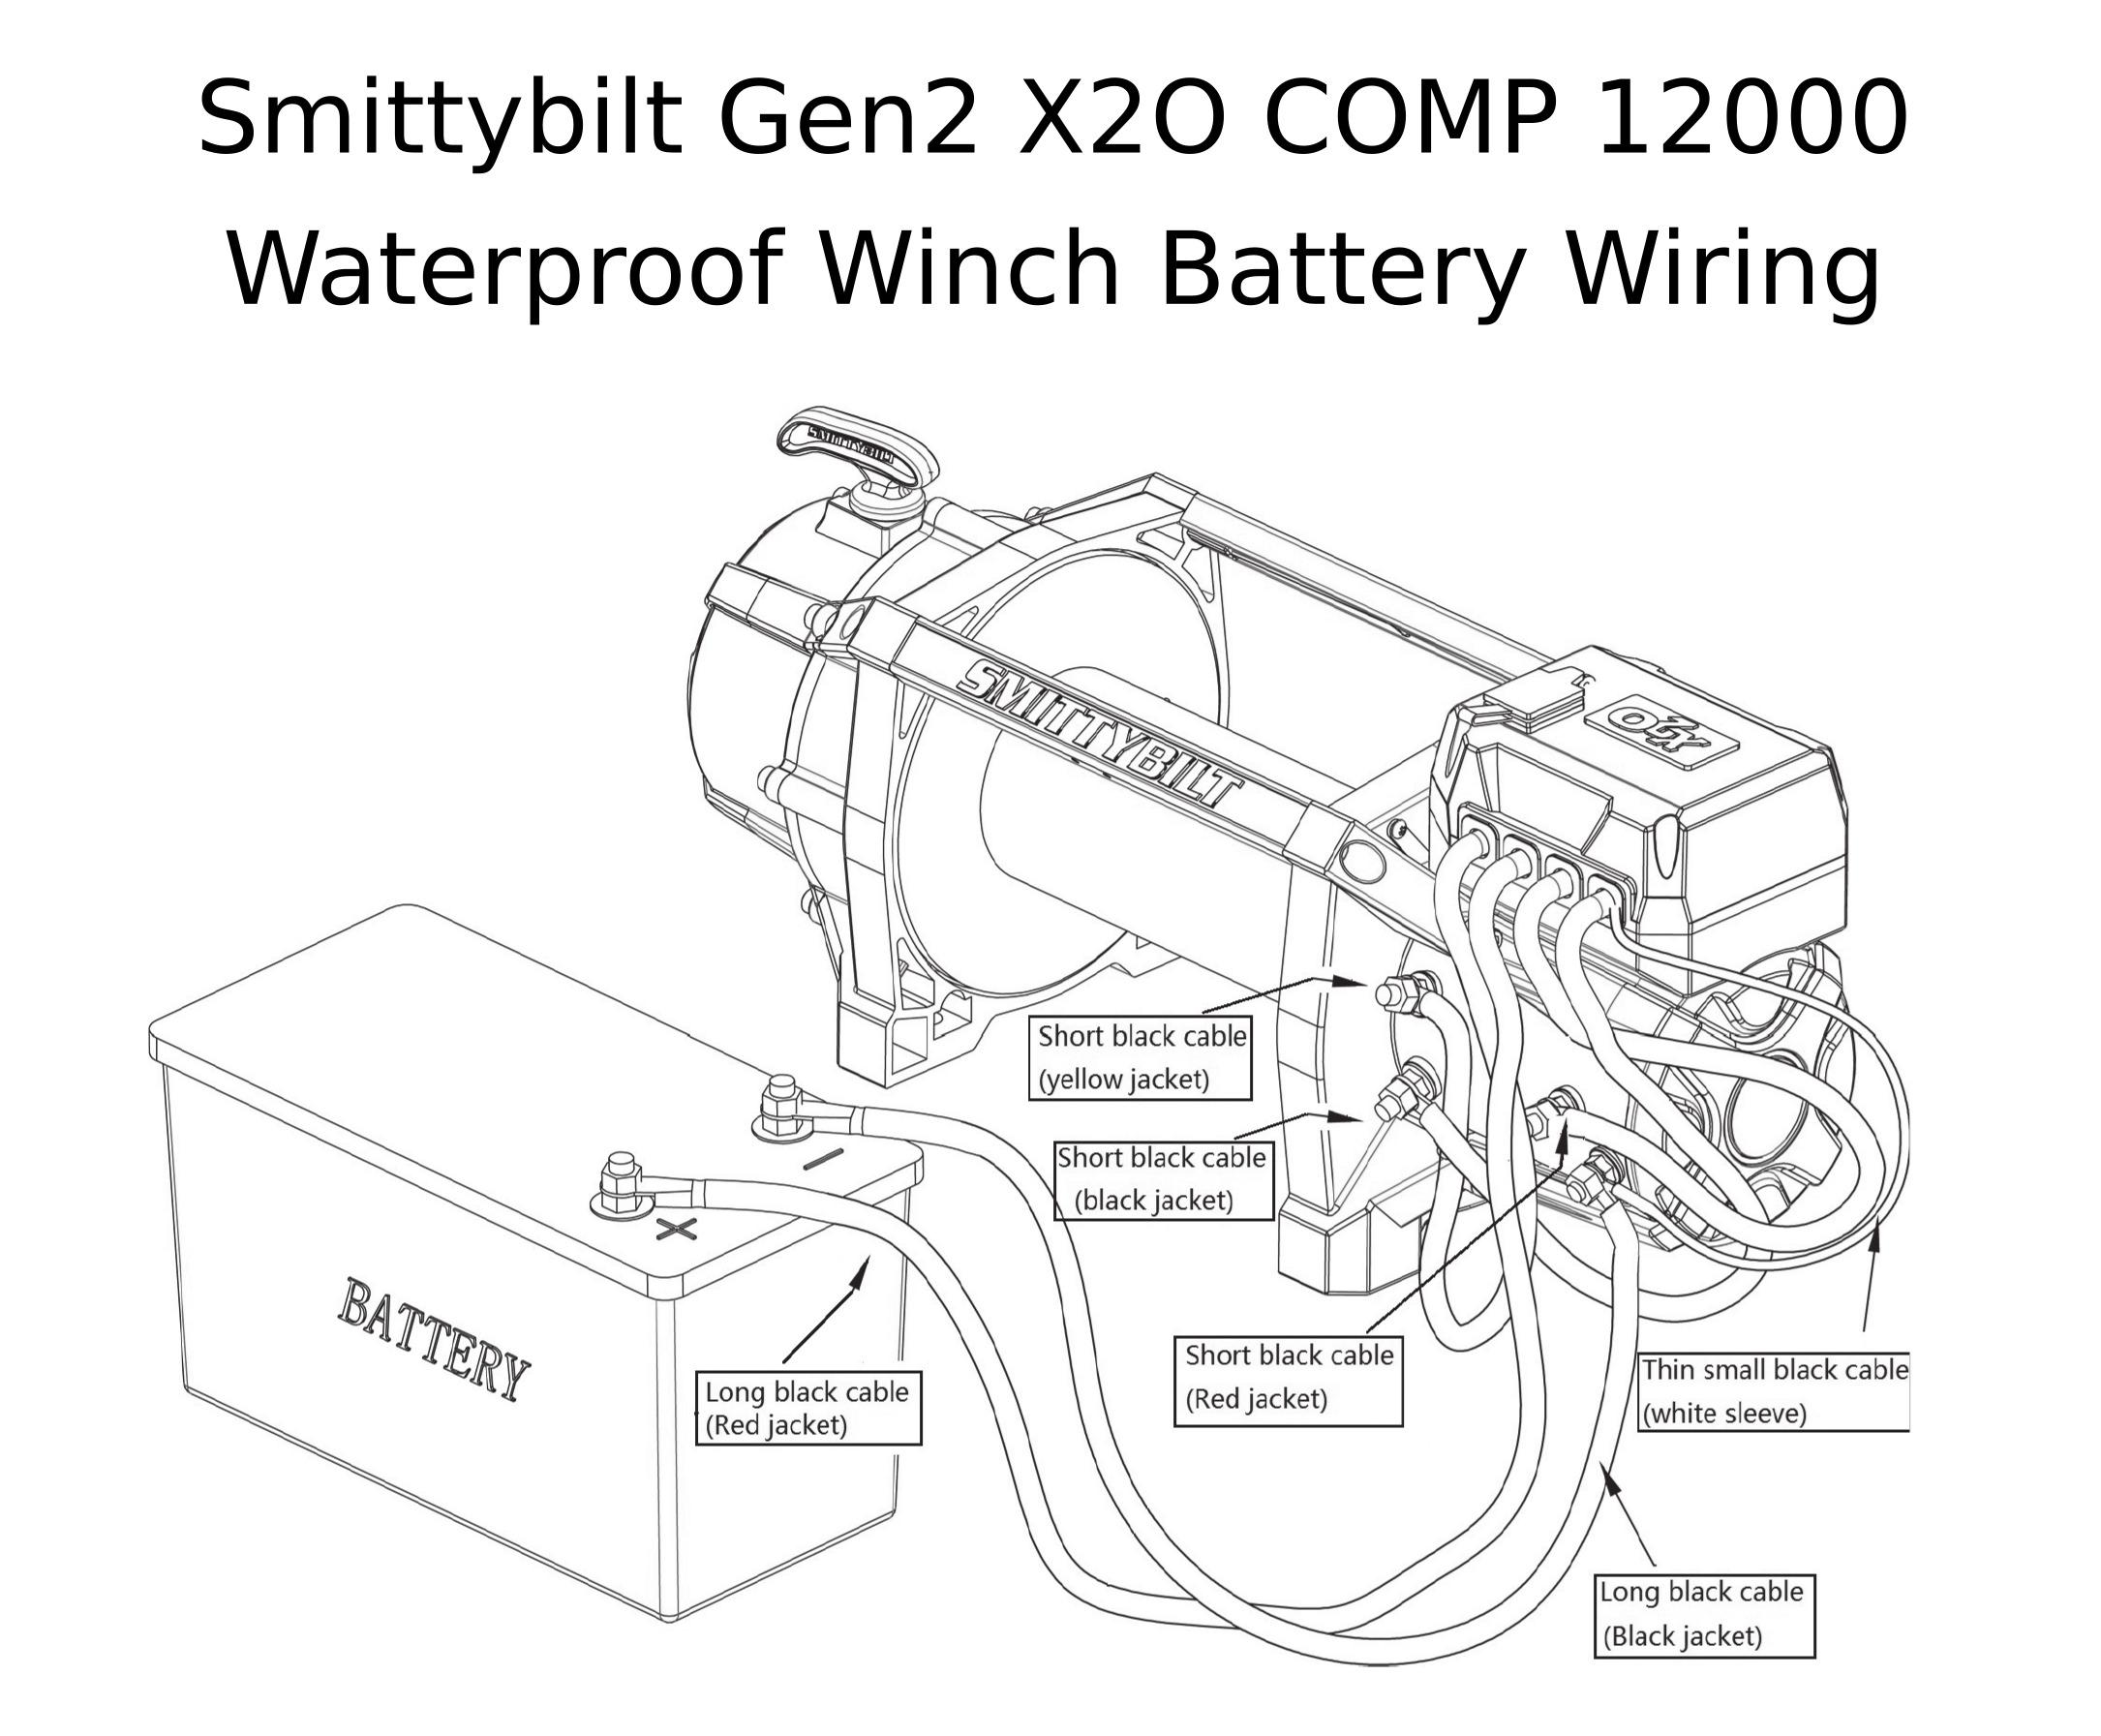 Complete Specs Smittybilt Gen2 X2o Comp 12000 Waterproof